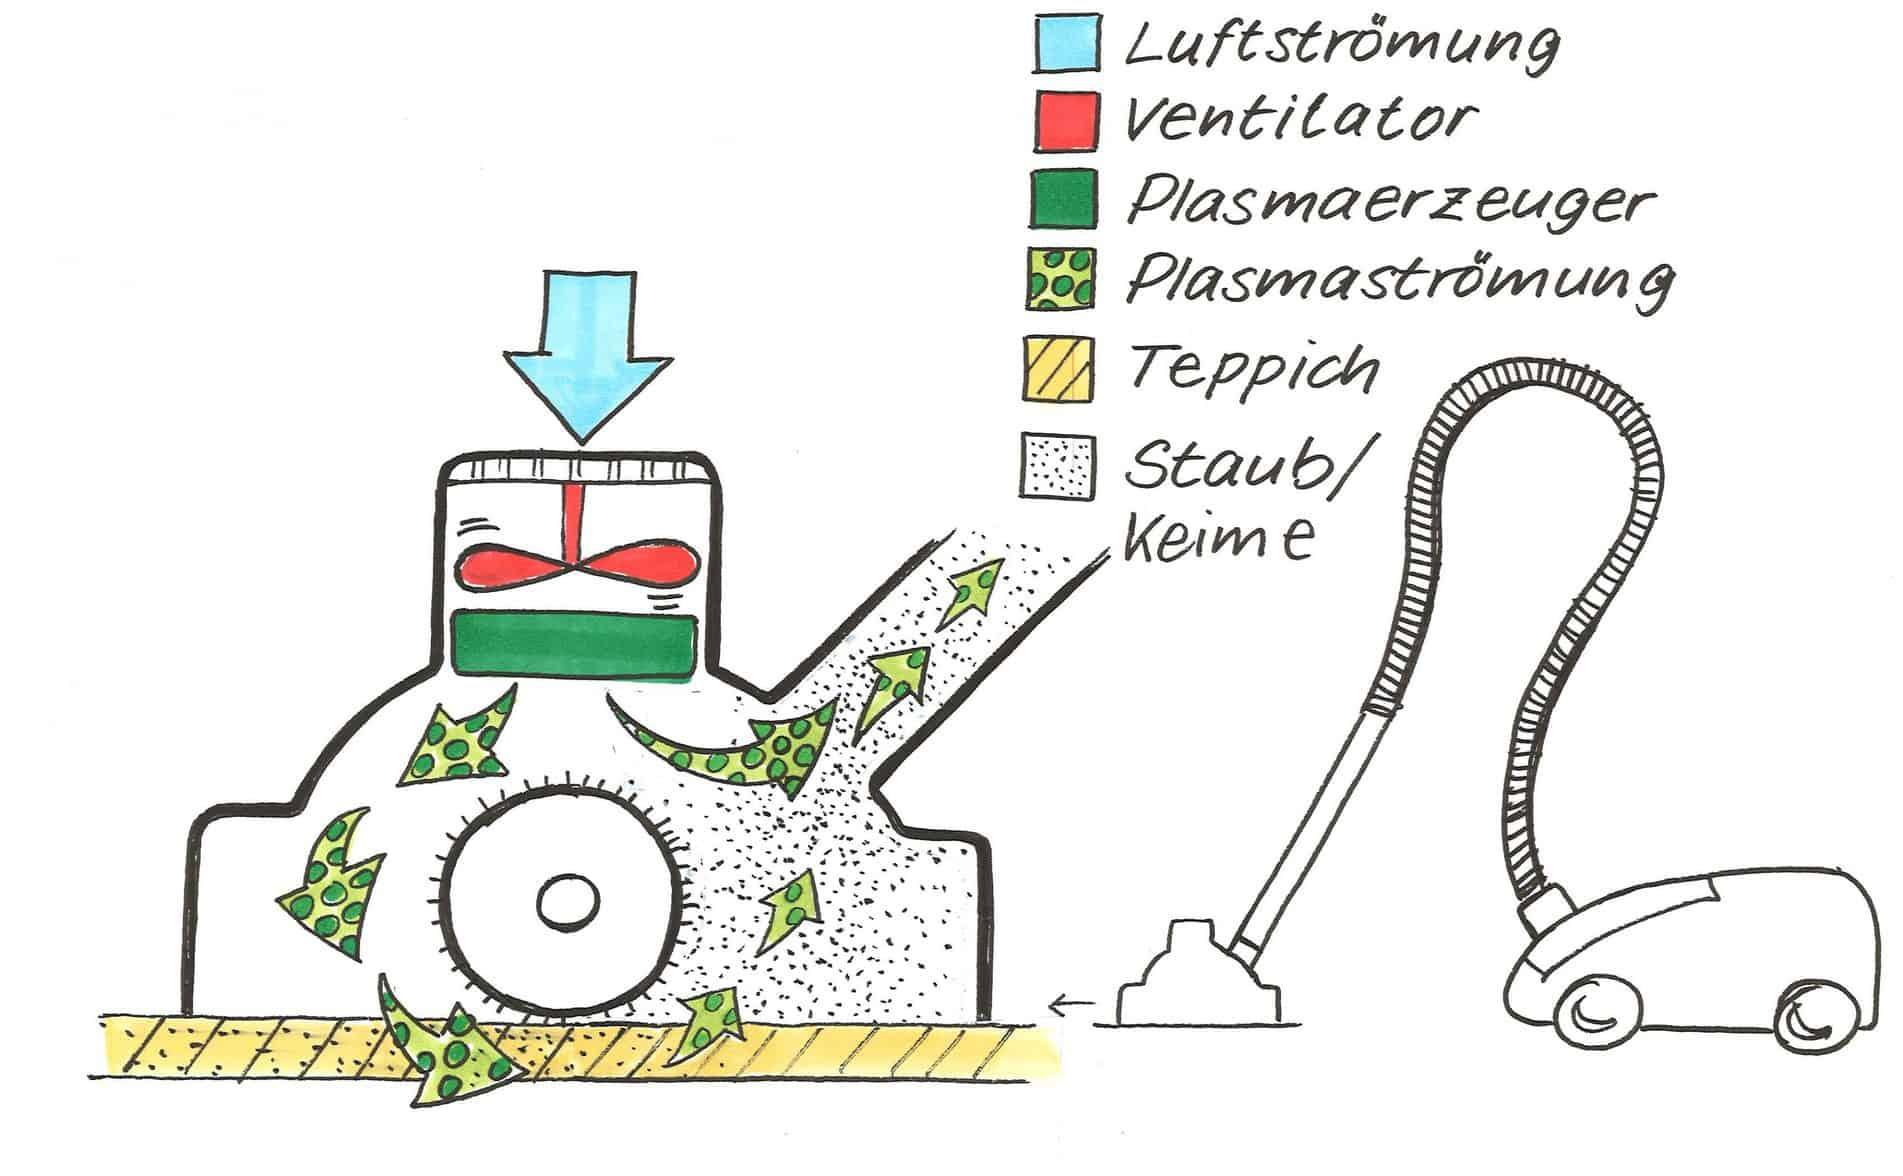 Staubsauger für Flächenreinigung mit Plasmatechnologie